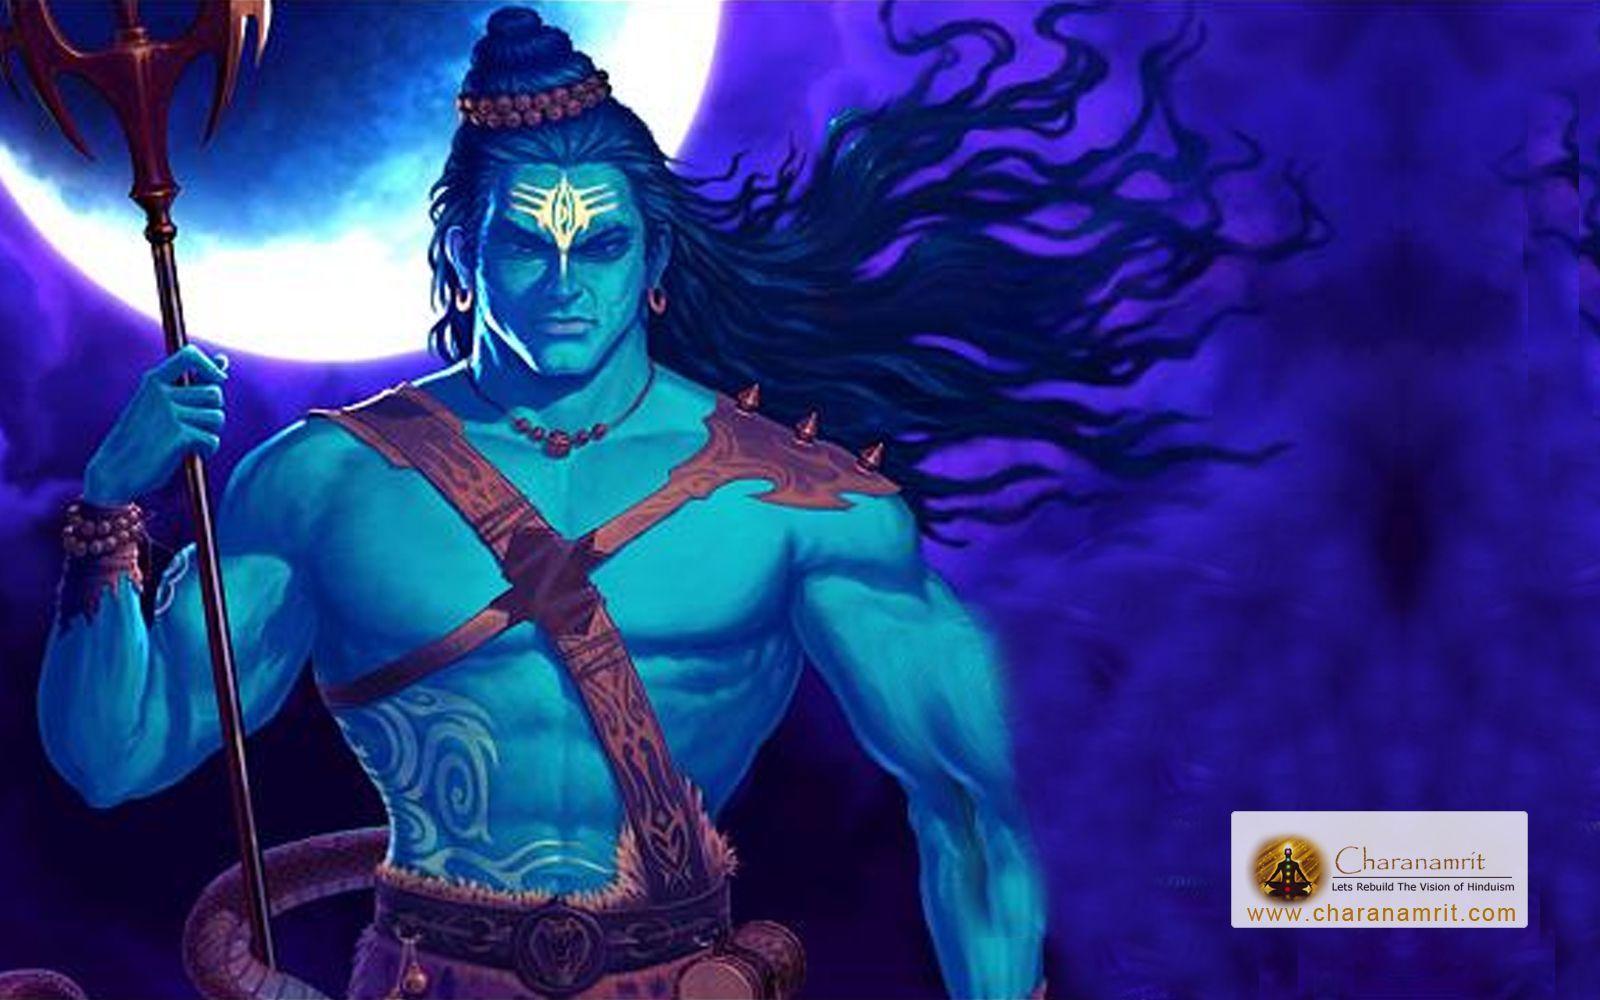 1600x1000 Lord Shiva 3D HD Wallpaper Tải xuống